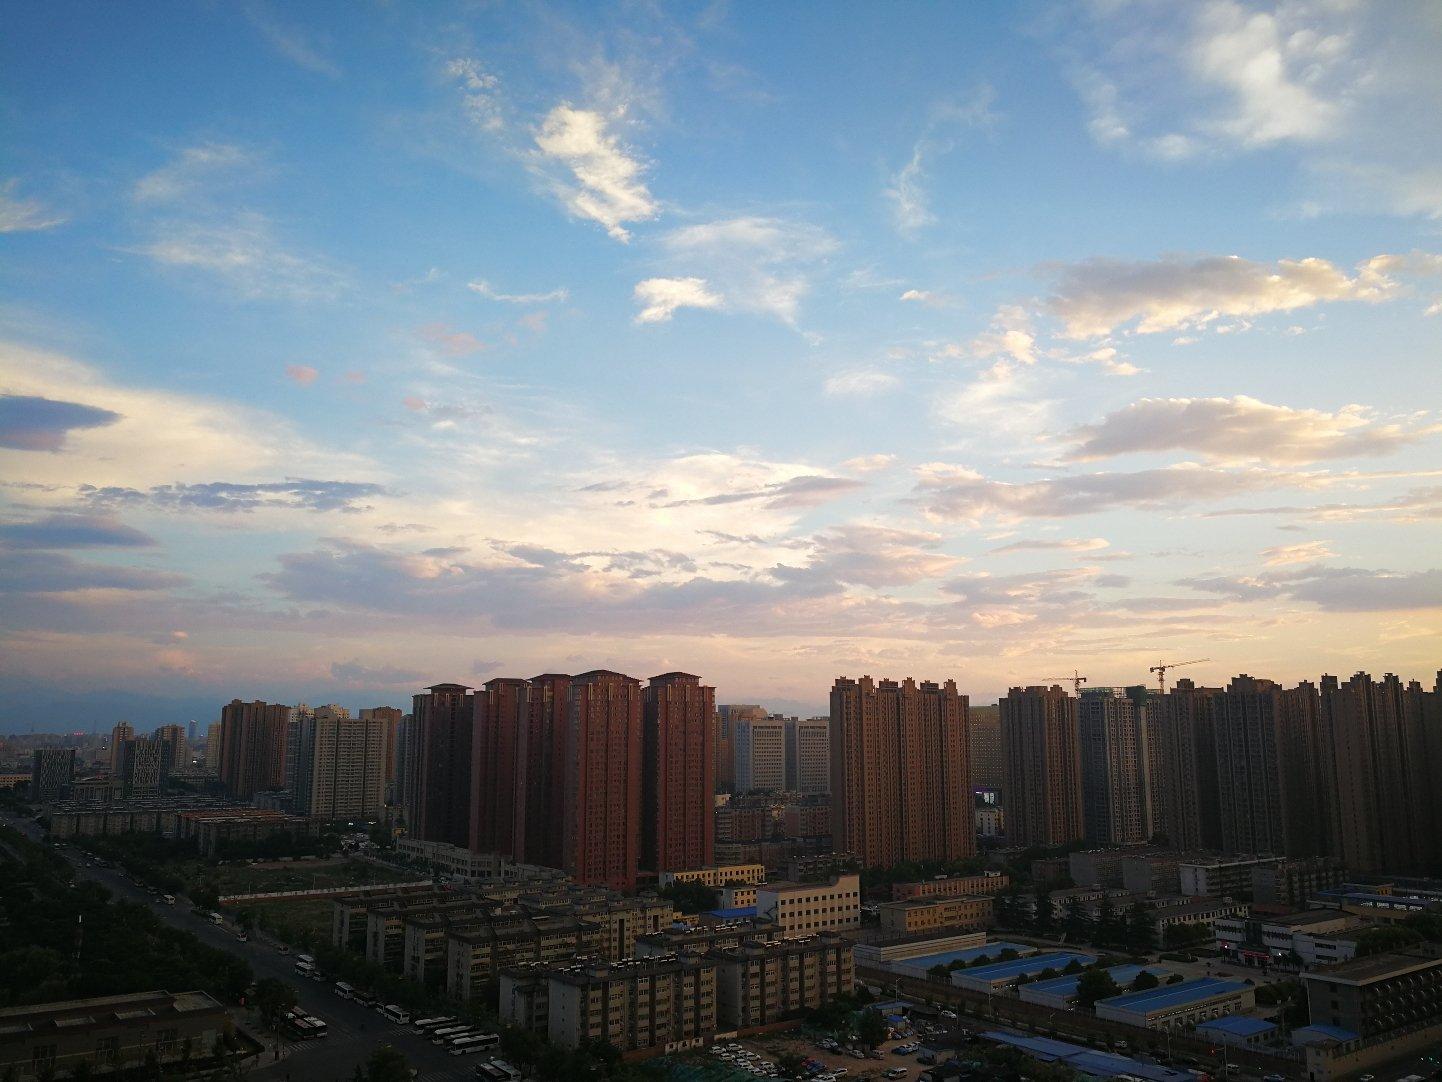 陕西省西安市未央区张家堡蓝天开元路110号物理华庭题光学高中街道图片